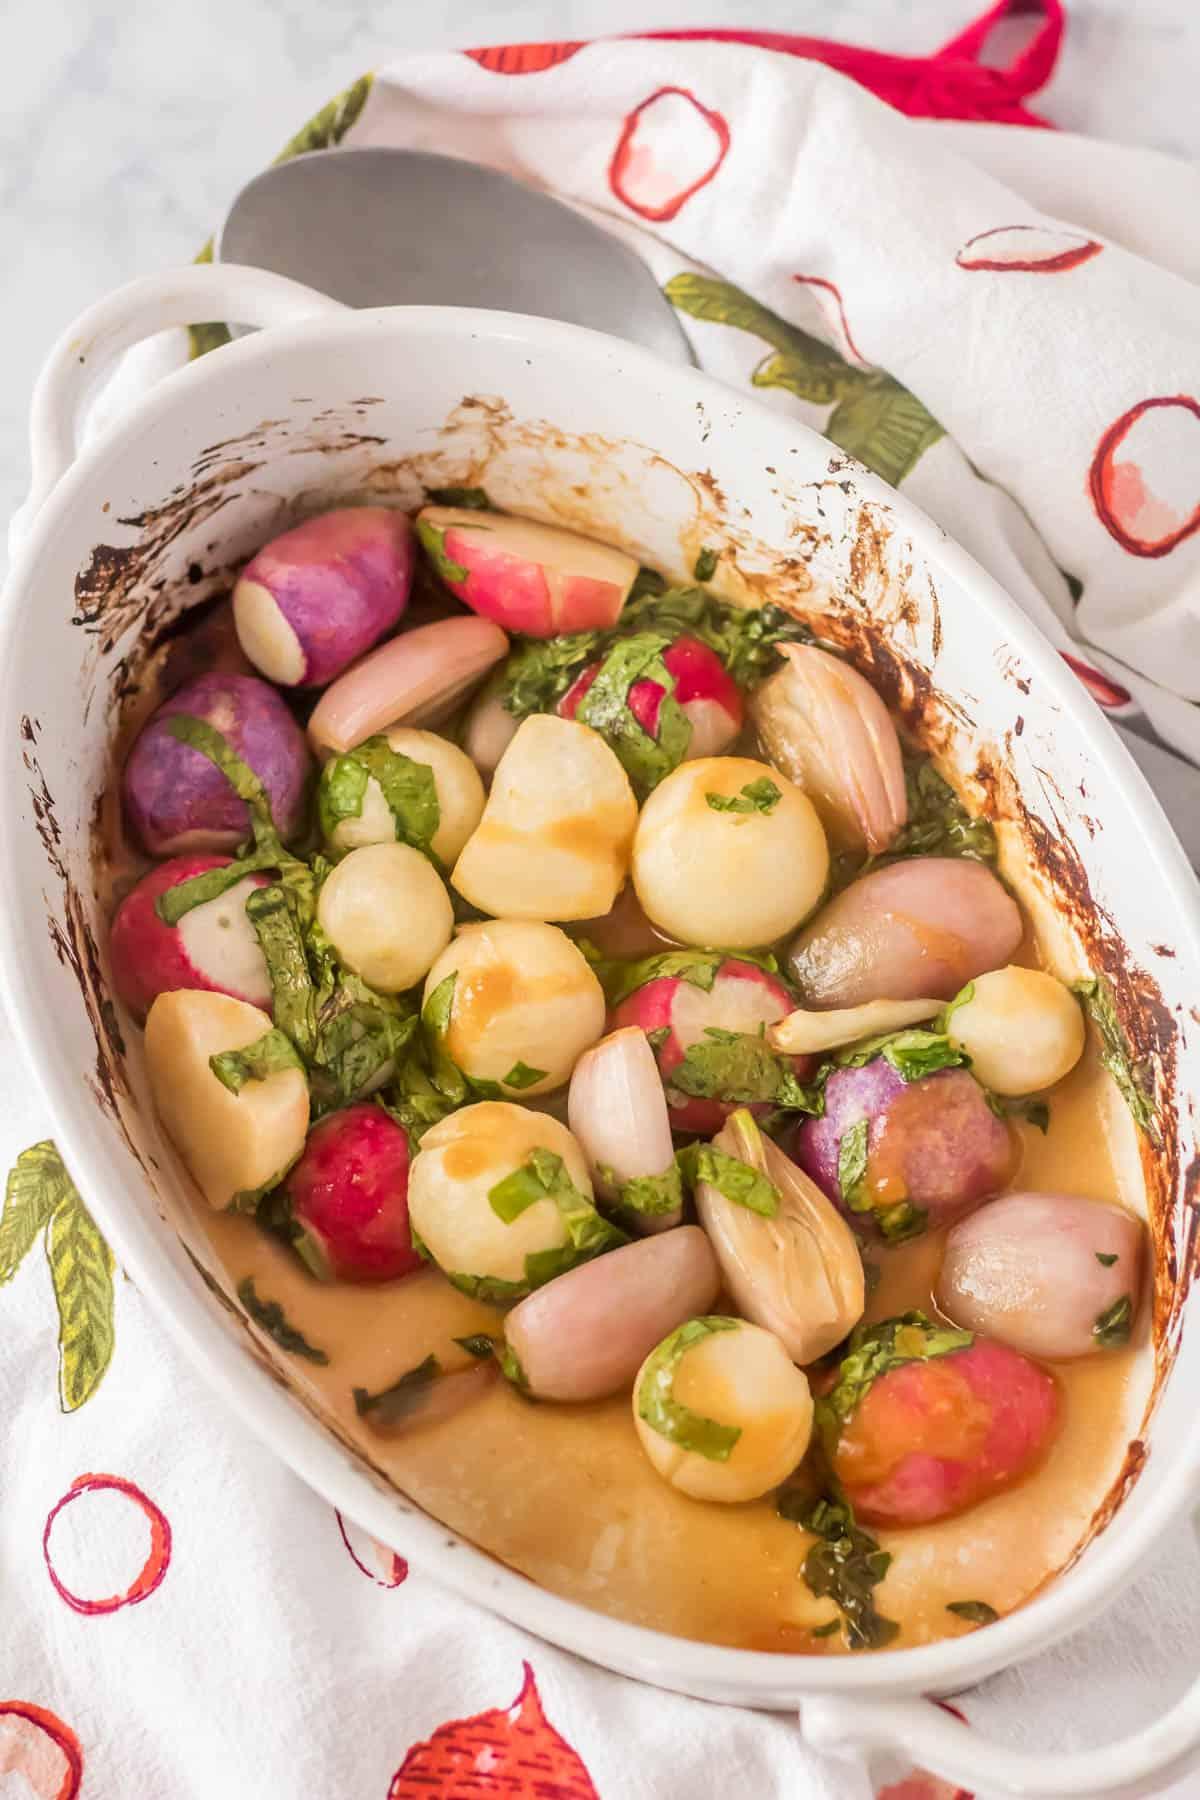 Roasted Miso Glazed Radishes - roasted radishes in a white oval dish.